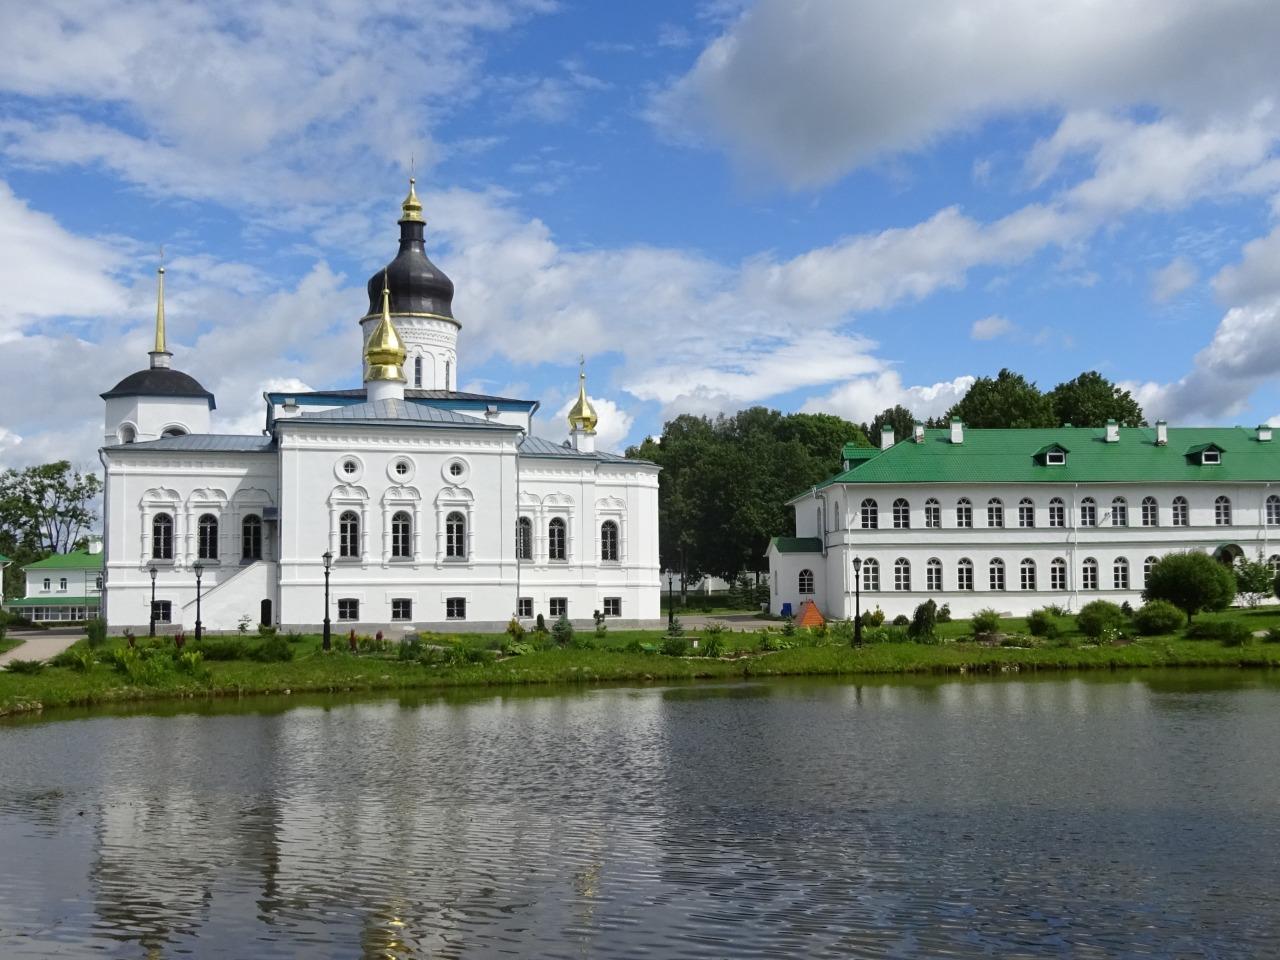 Православное ожерелье Пскова - индивидуальная экскурсия в Пскове от опытного гида